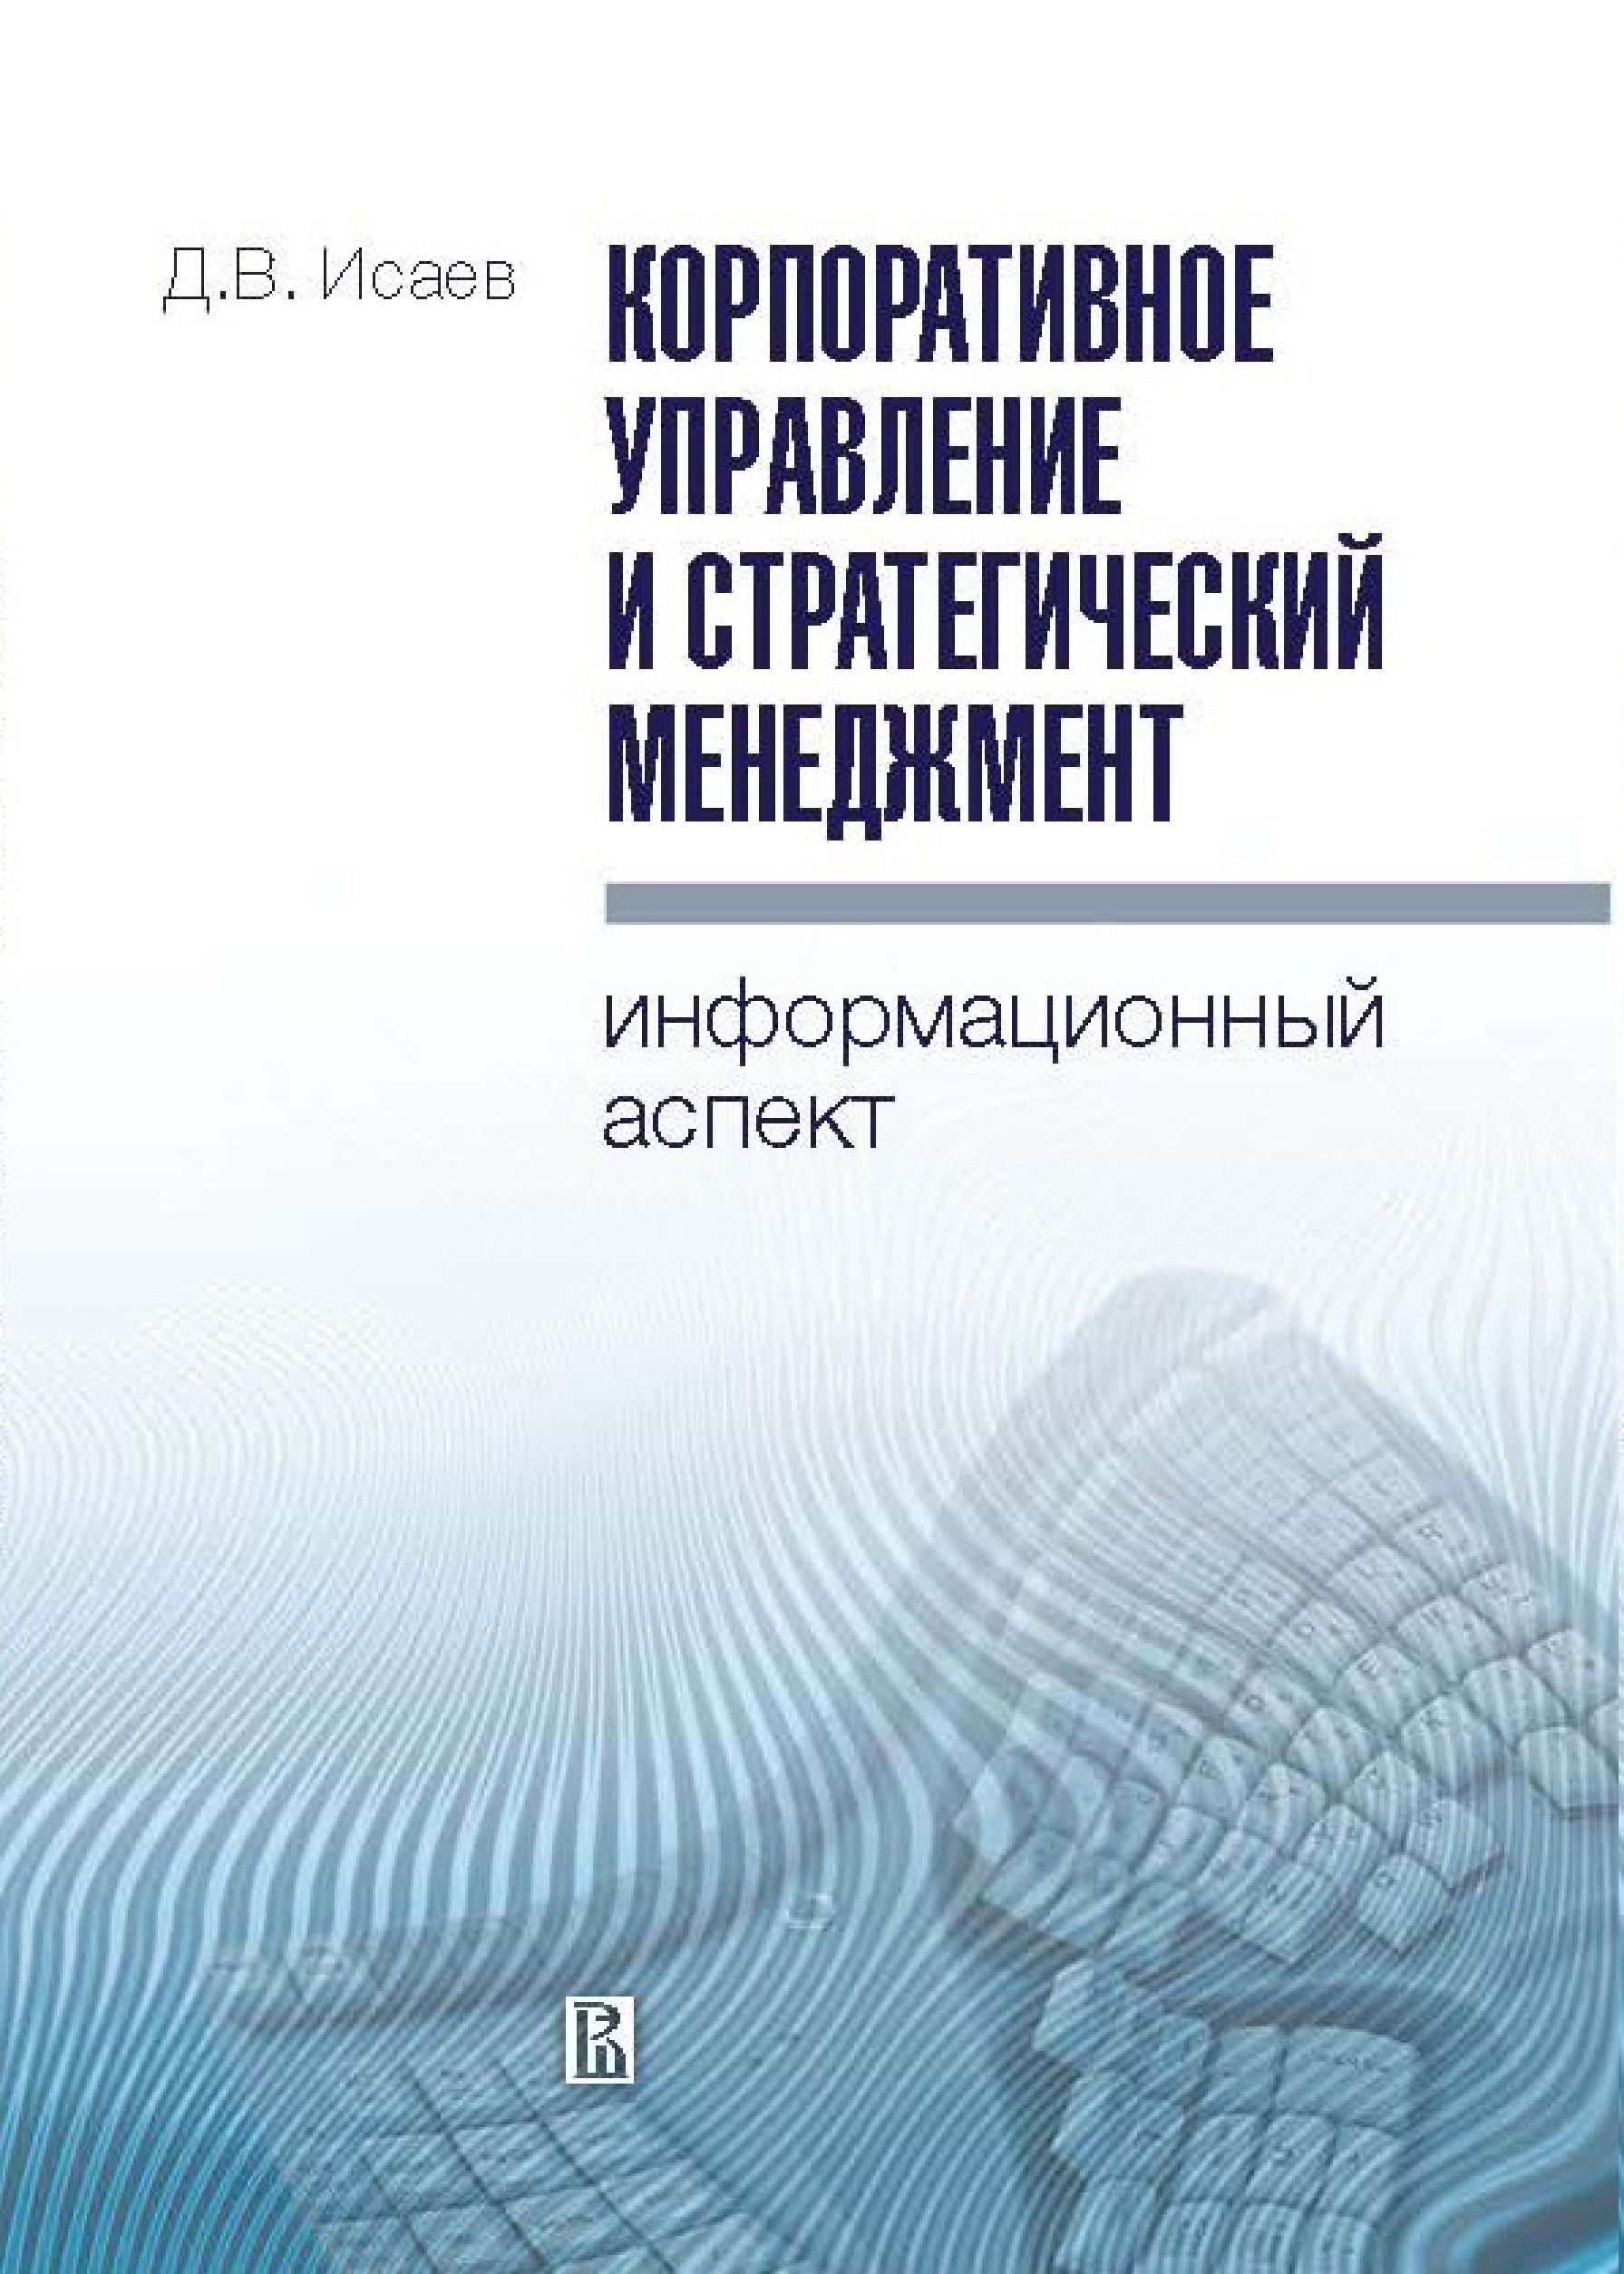 корпоративное управление некоммерческих организаций